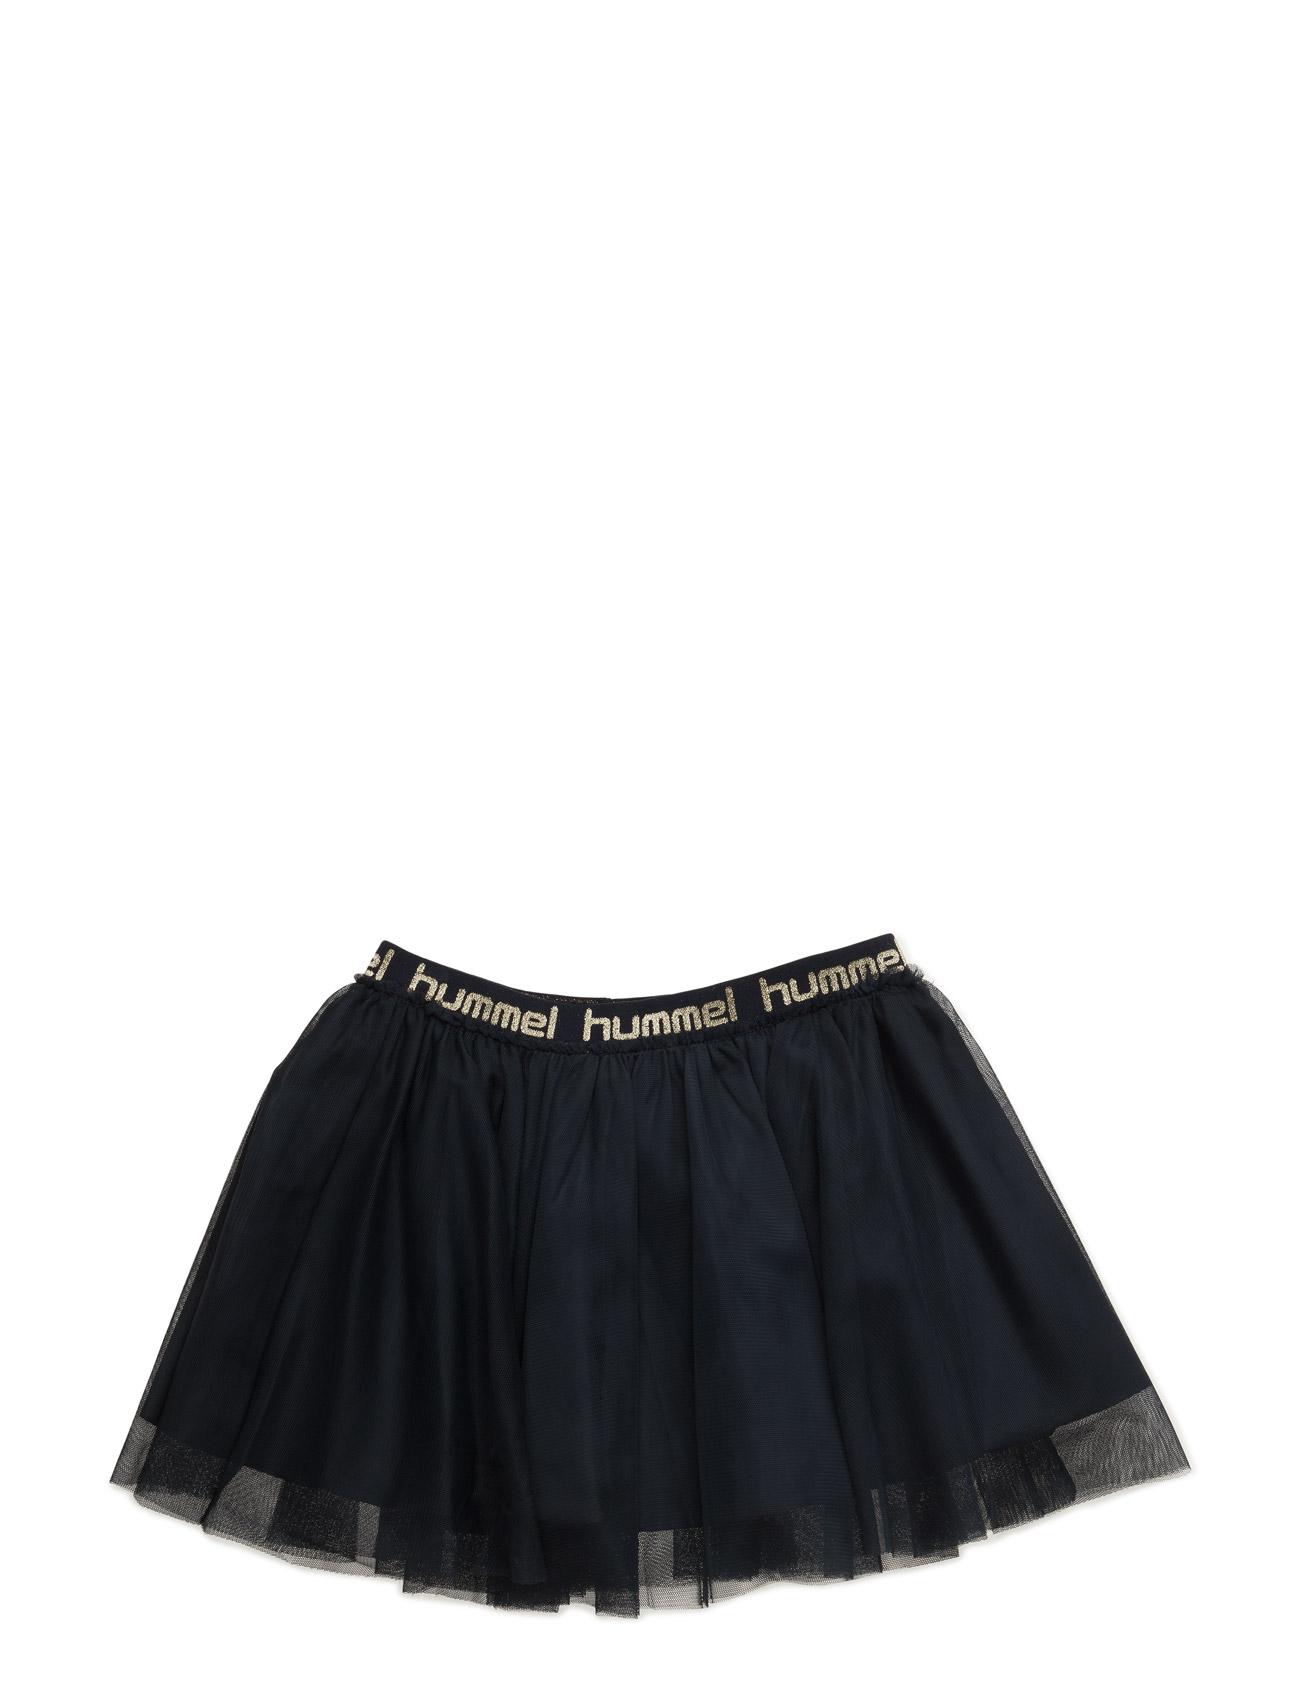 Erantis Skirt Hummel Nederdele til Børn i parisiske Night